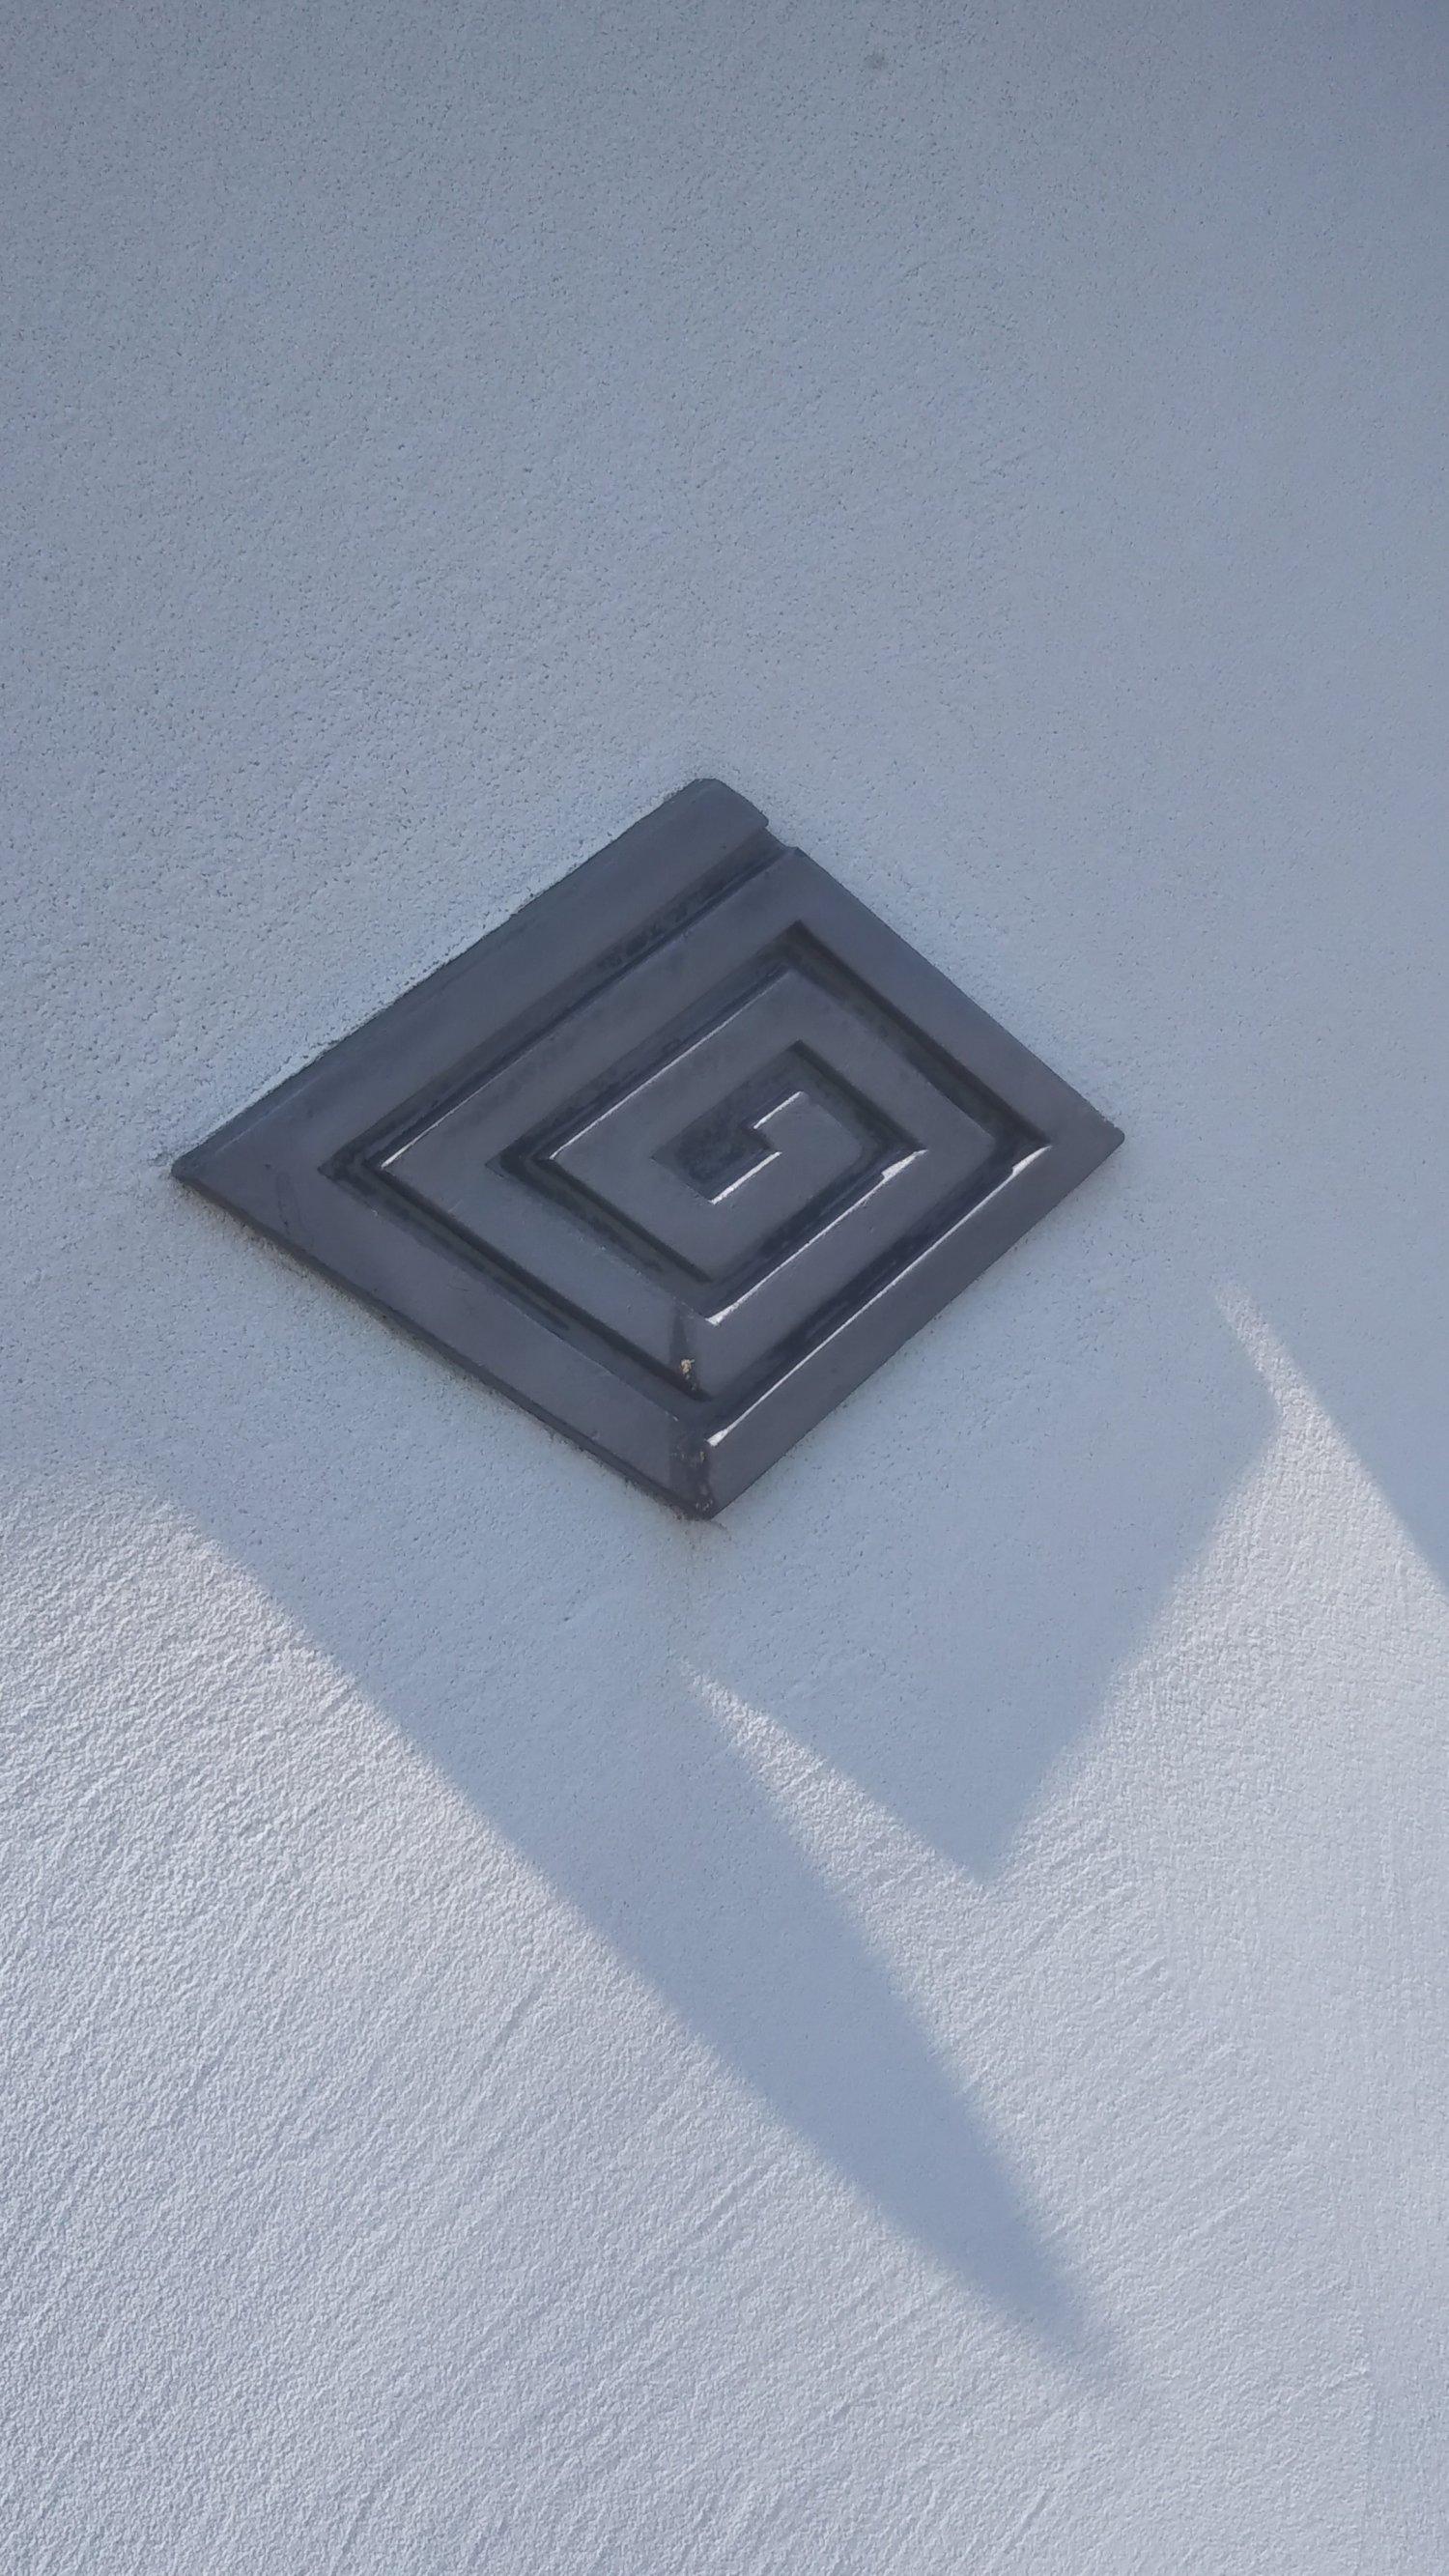 帝釈天題経寺の建造物などに施してあるひし形の渦巻き紋様は、同寺の紋。